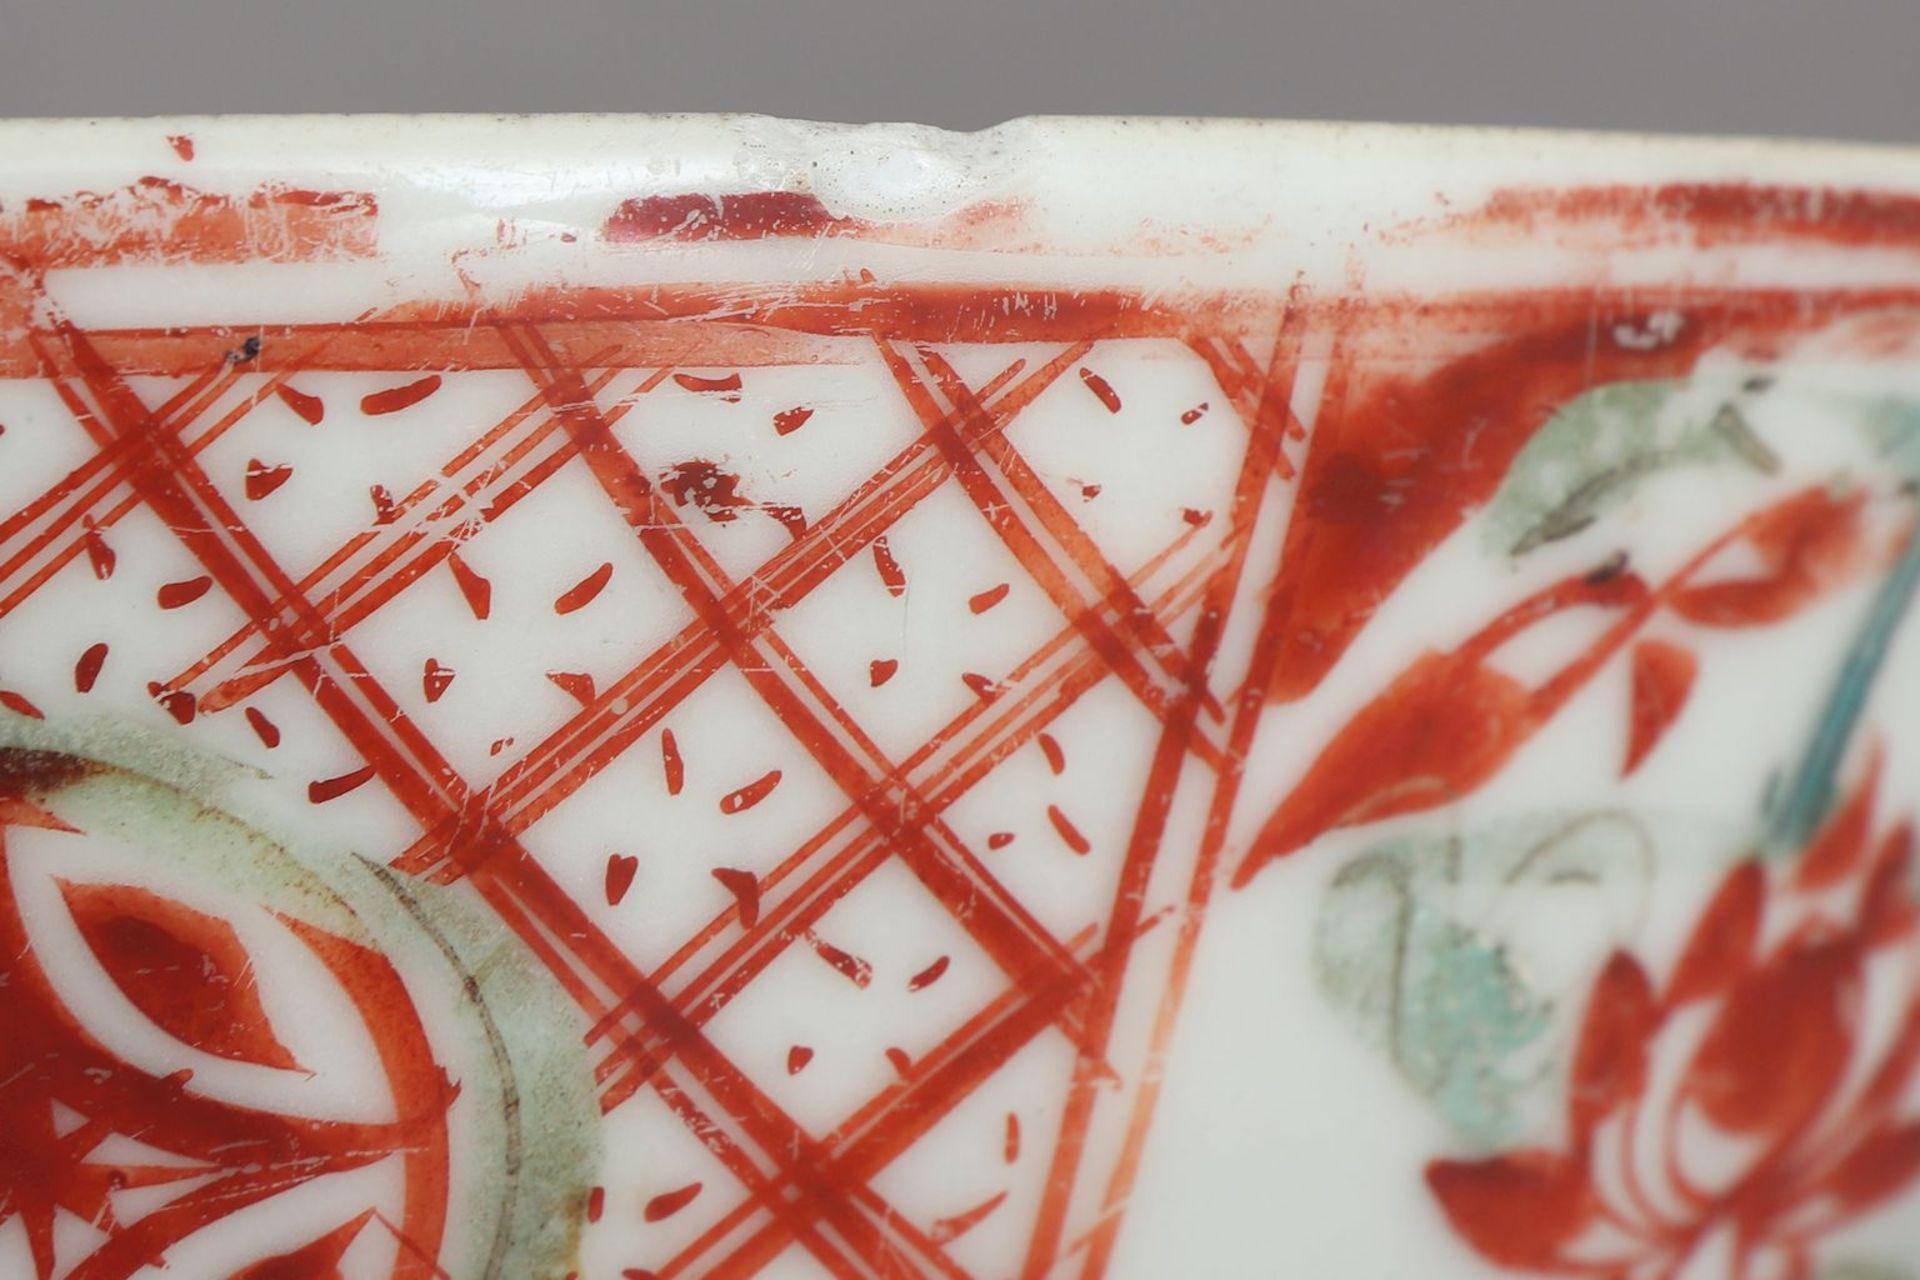 Chinesische Porzellanschale mit Pfirsichdekor - Image 5 of 5